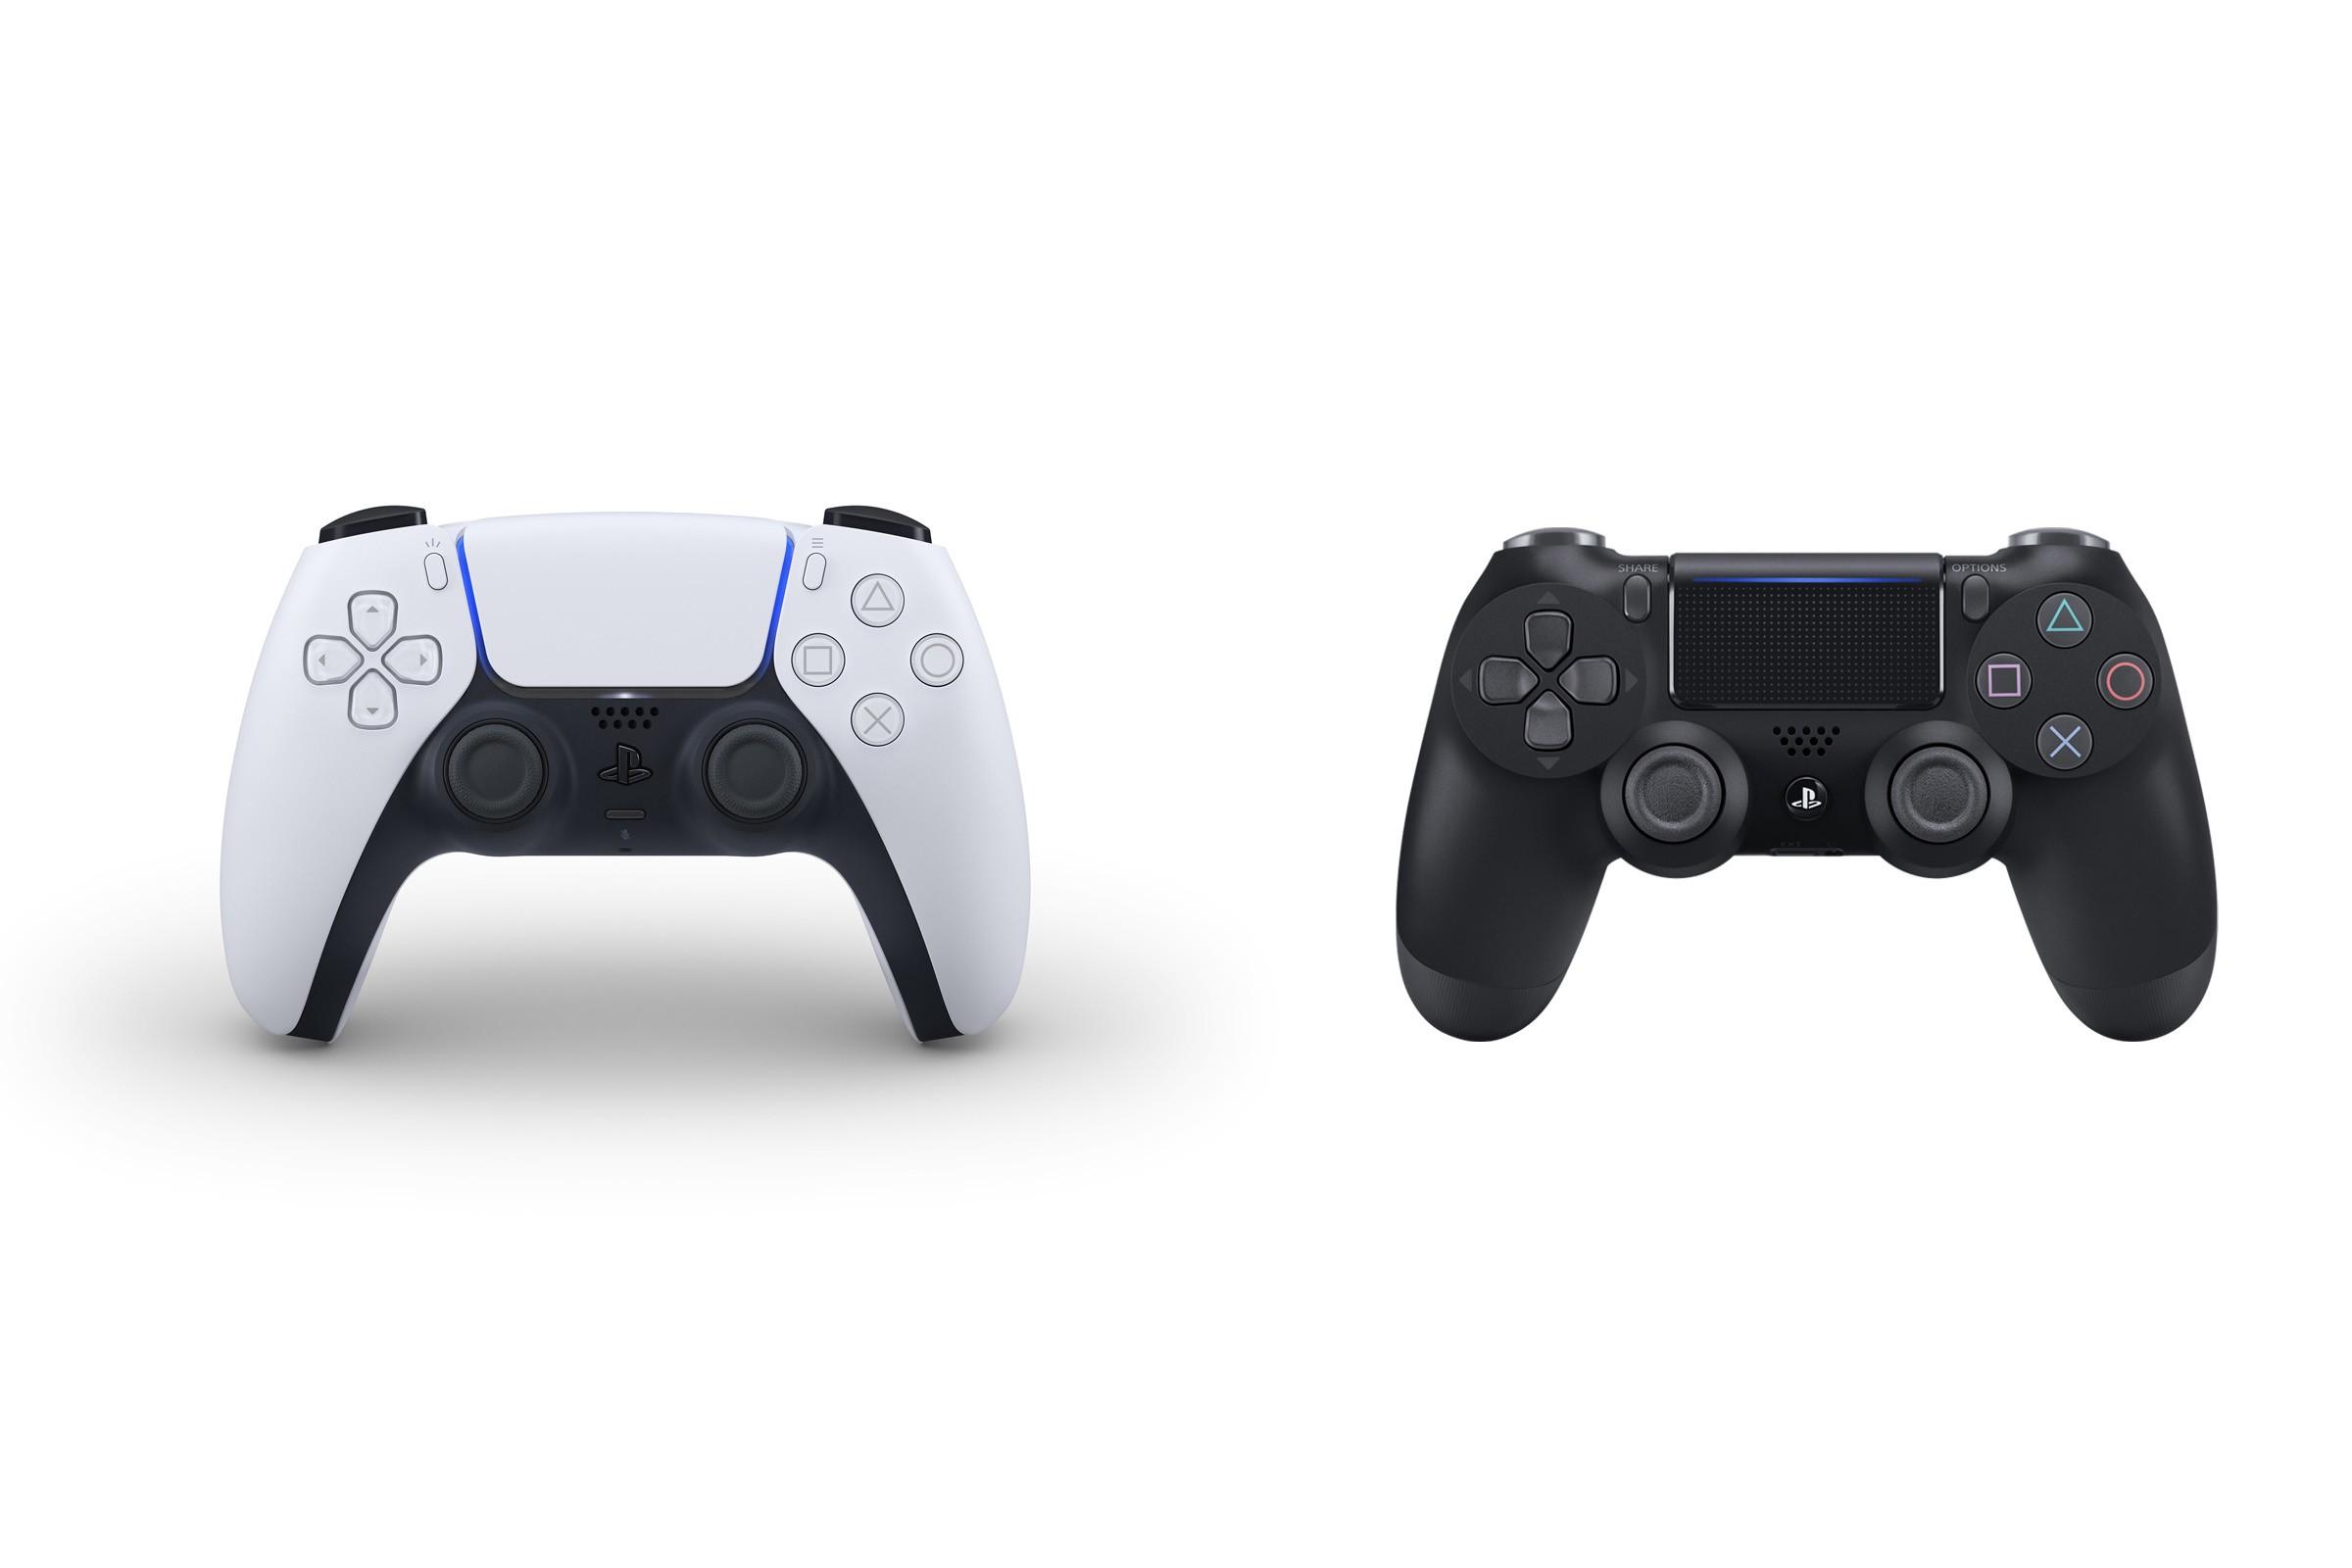 Sony предоставила сведения об обратной совместимости PS5 со списком неподдерживаемых игр